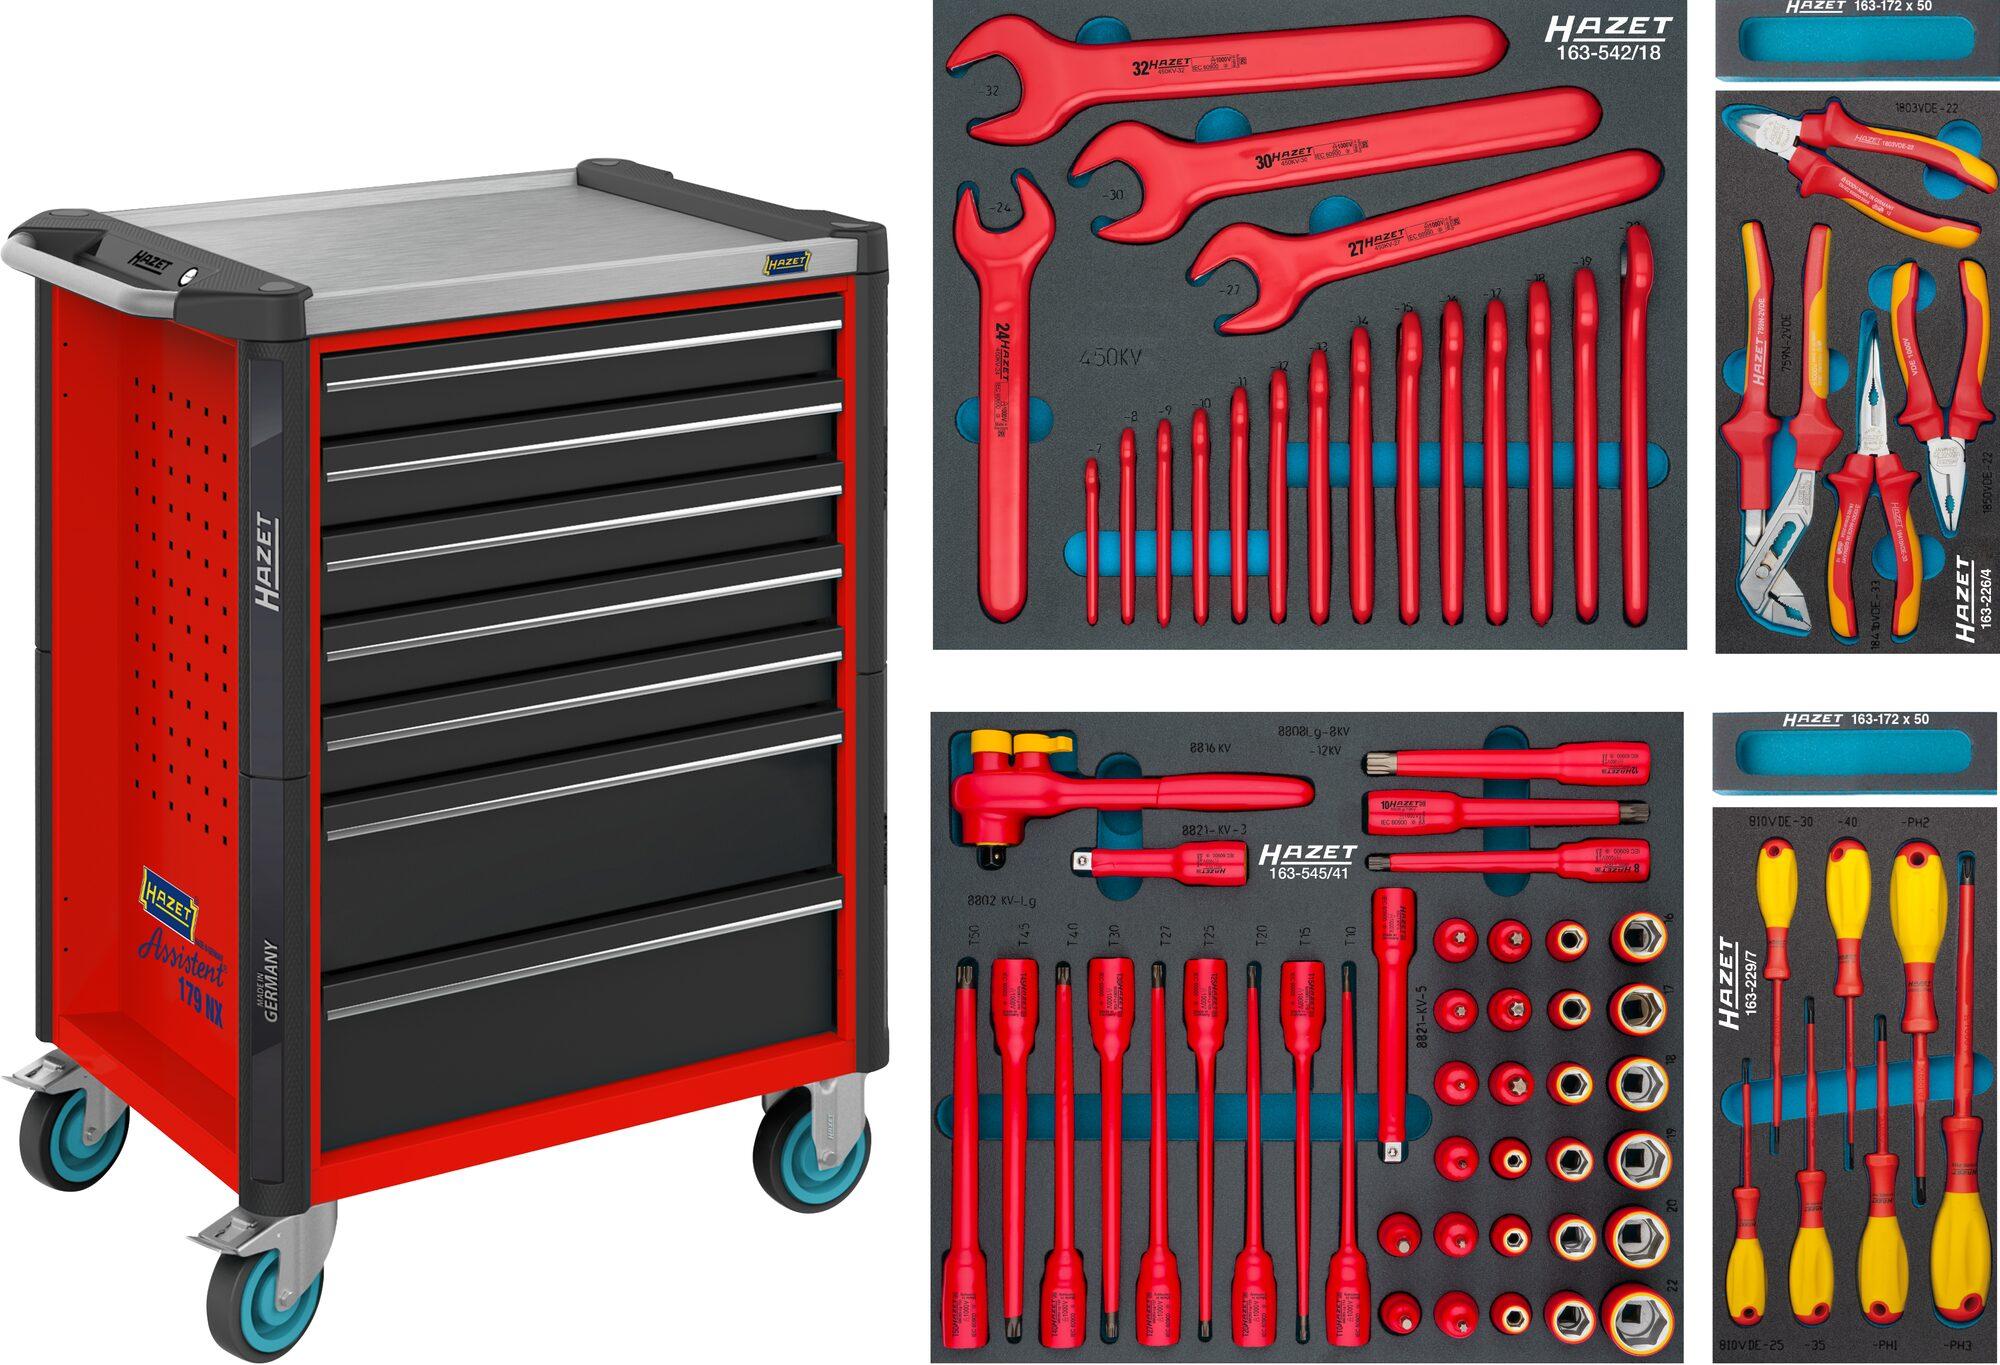 HAZET Werkstattwagen Assistent 179NX-7/70KV ∙ Schubladen, flach: 5x 81x522x398 mm ∙ Anzahl Werkzeuge: 70